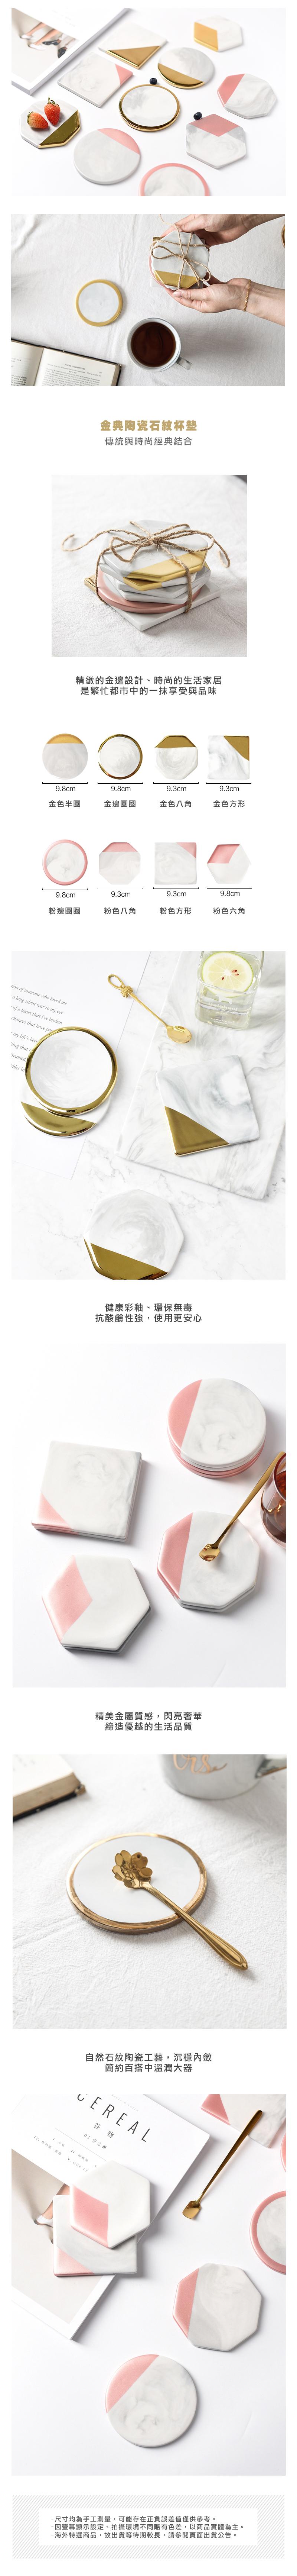 金藝陶瓷石紋杯墊